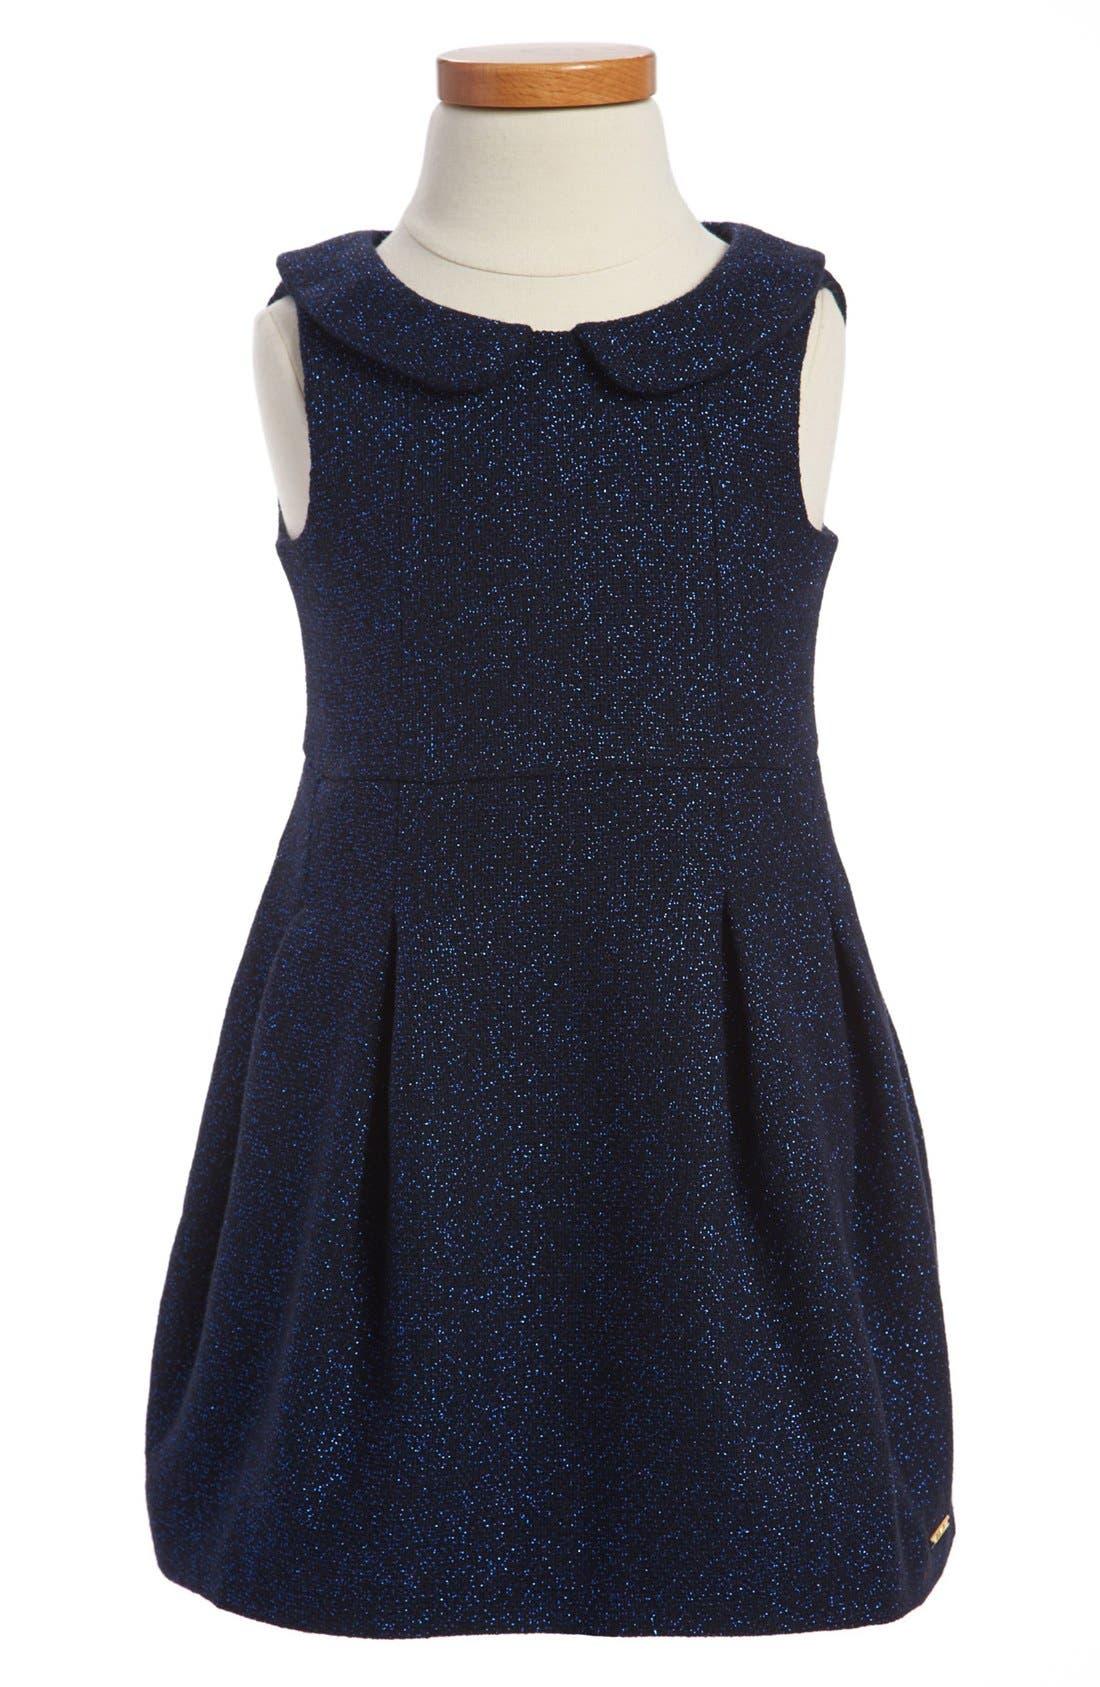 Alternate Image 1 Selected - LITTLE MARC JACOBS Sleeveless Dress (Toddler Girls)